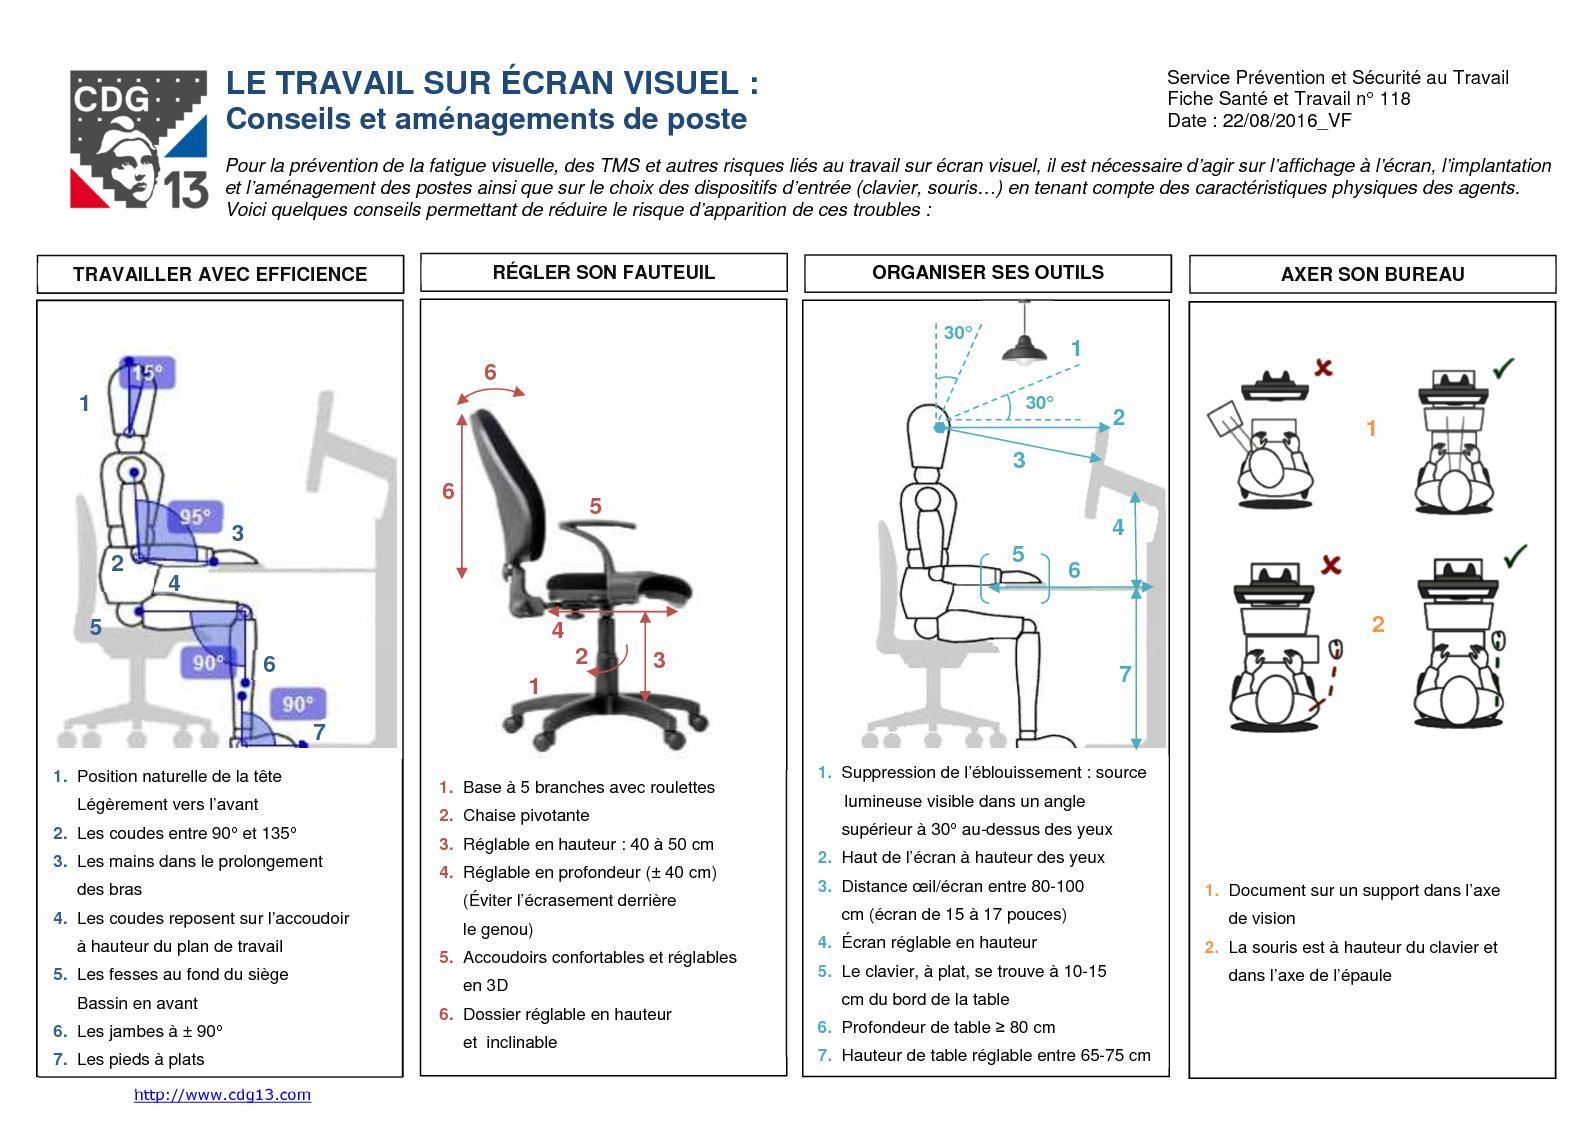 Hauteur Plan De Travail calaméo - st 118 le travail sur ecran visuel vf cdg 13